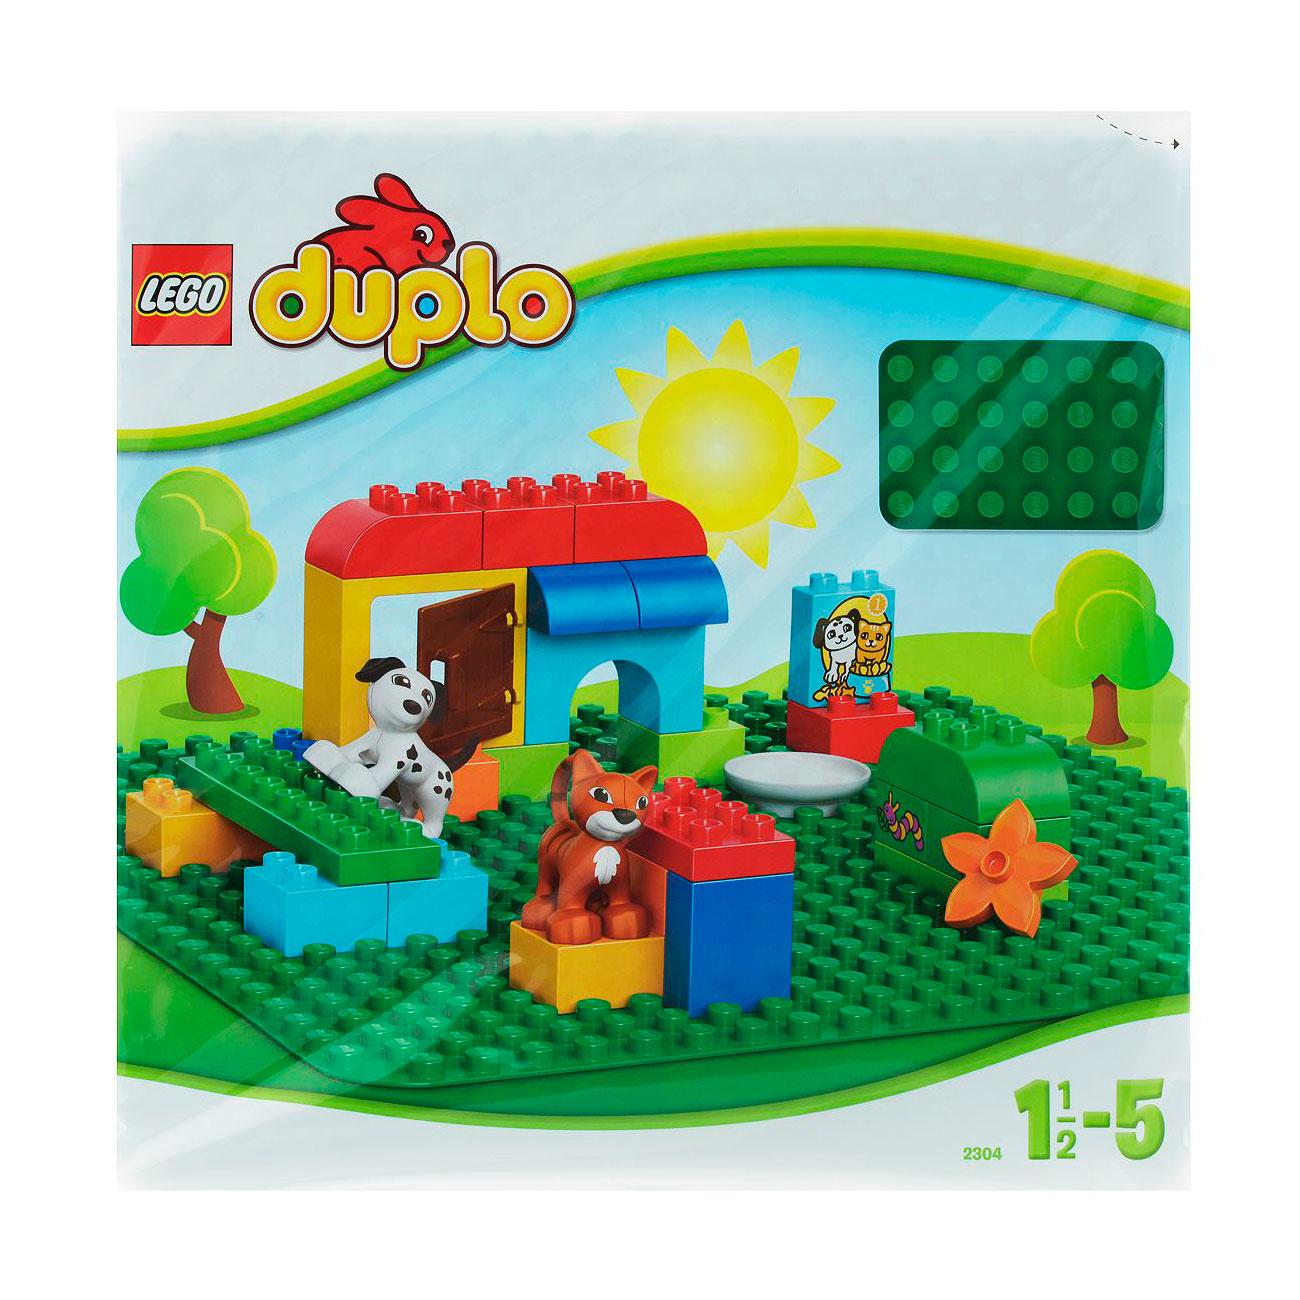 Конструктор LEGO Duplo 2304 Строительная пластина<br>